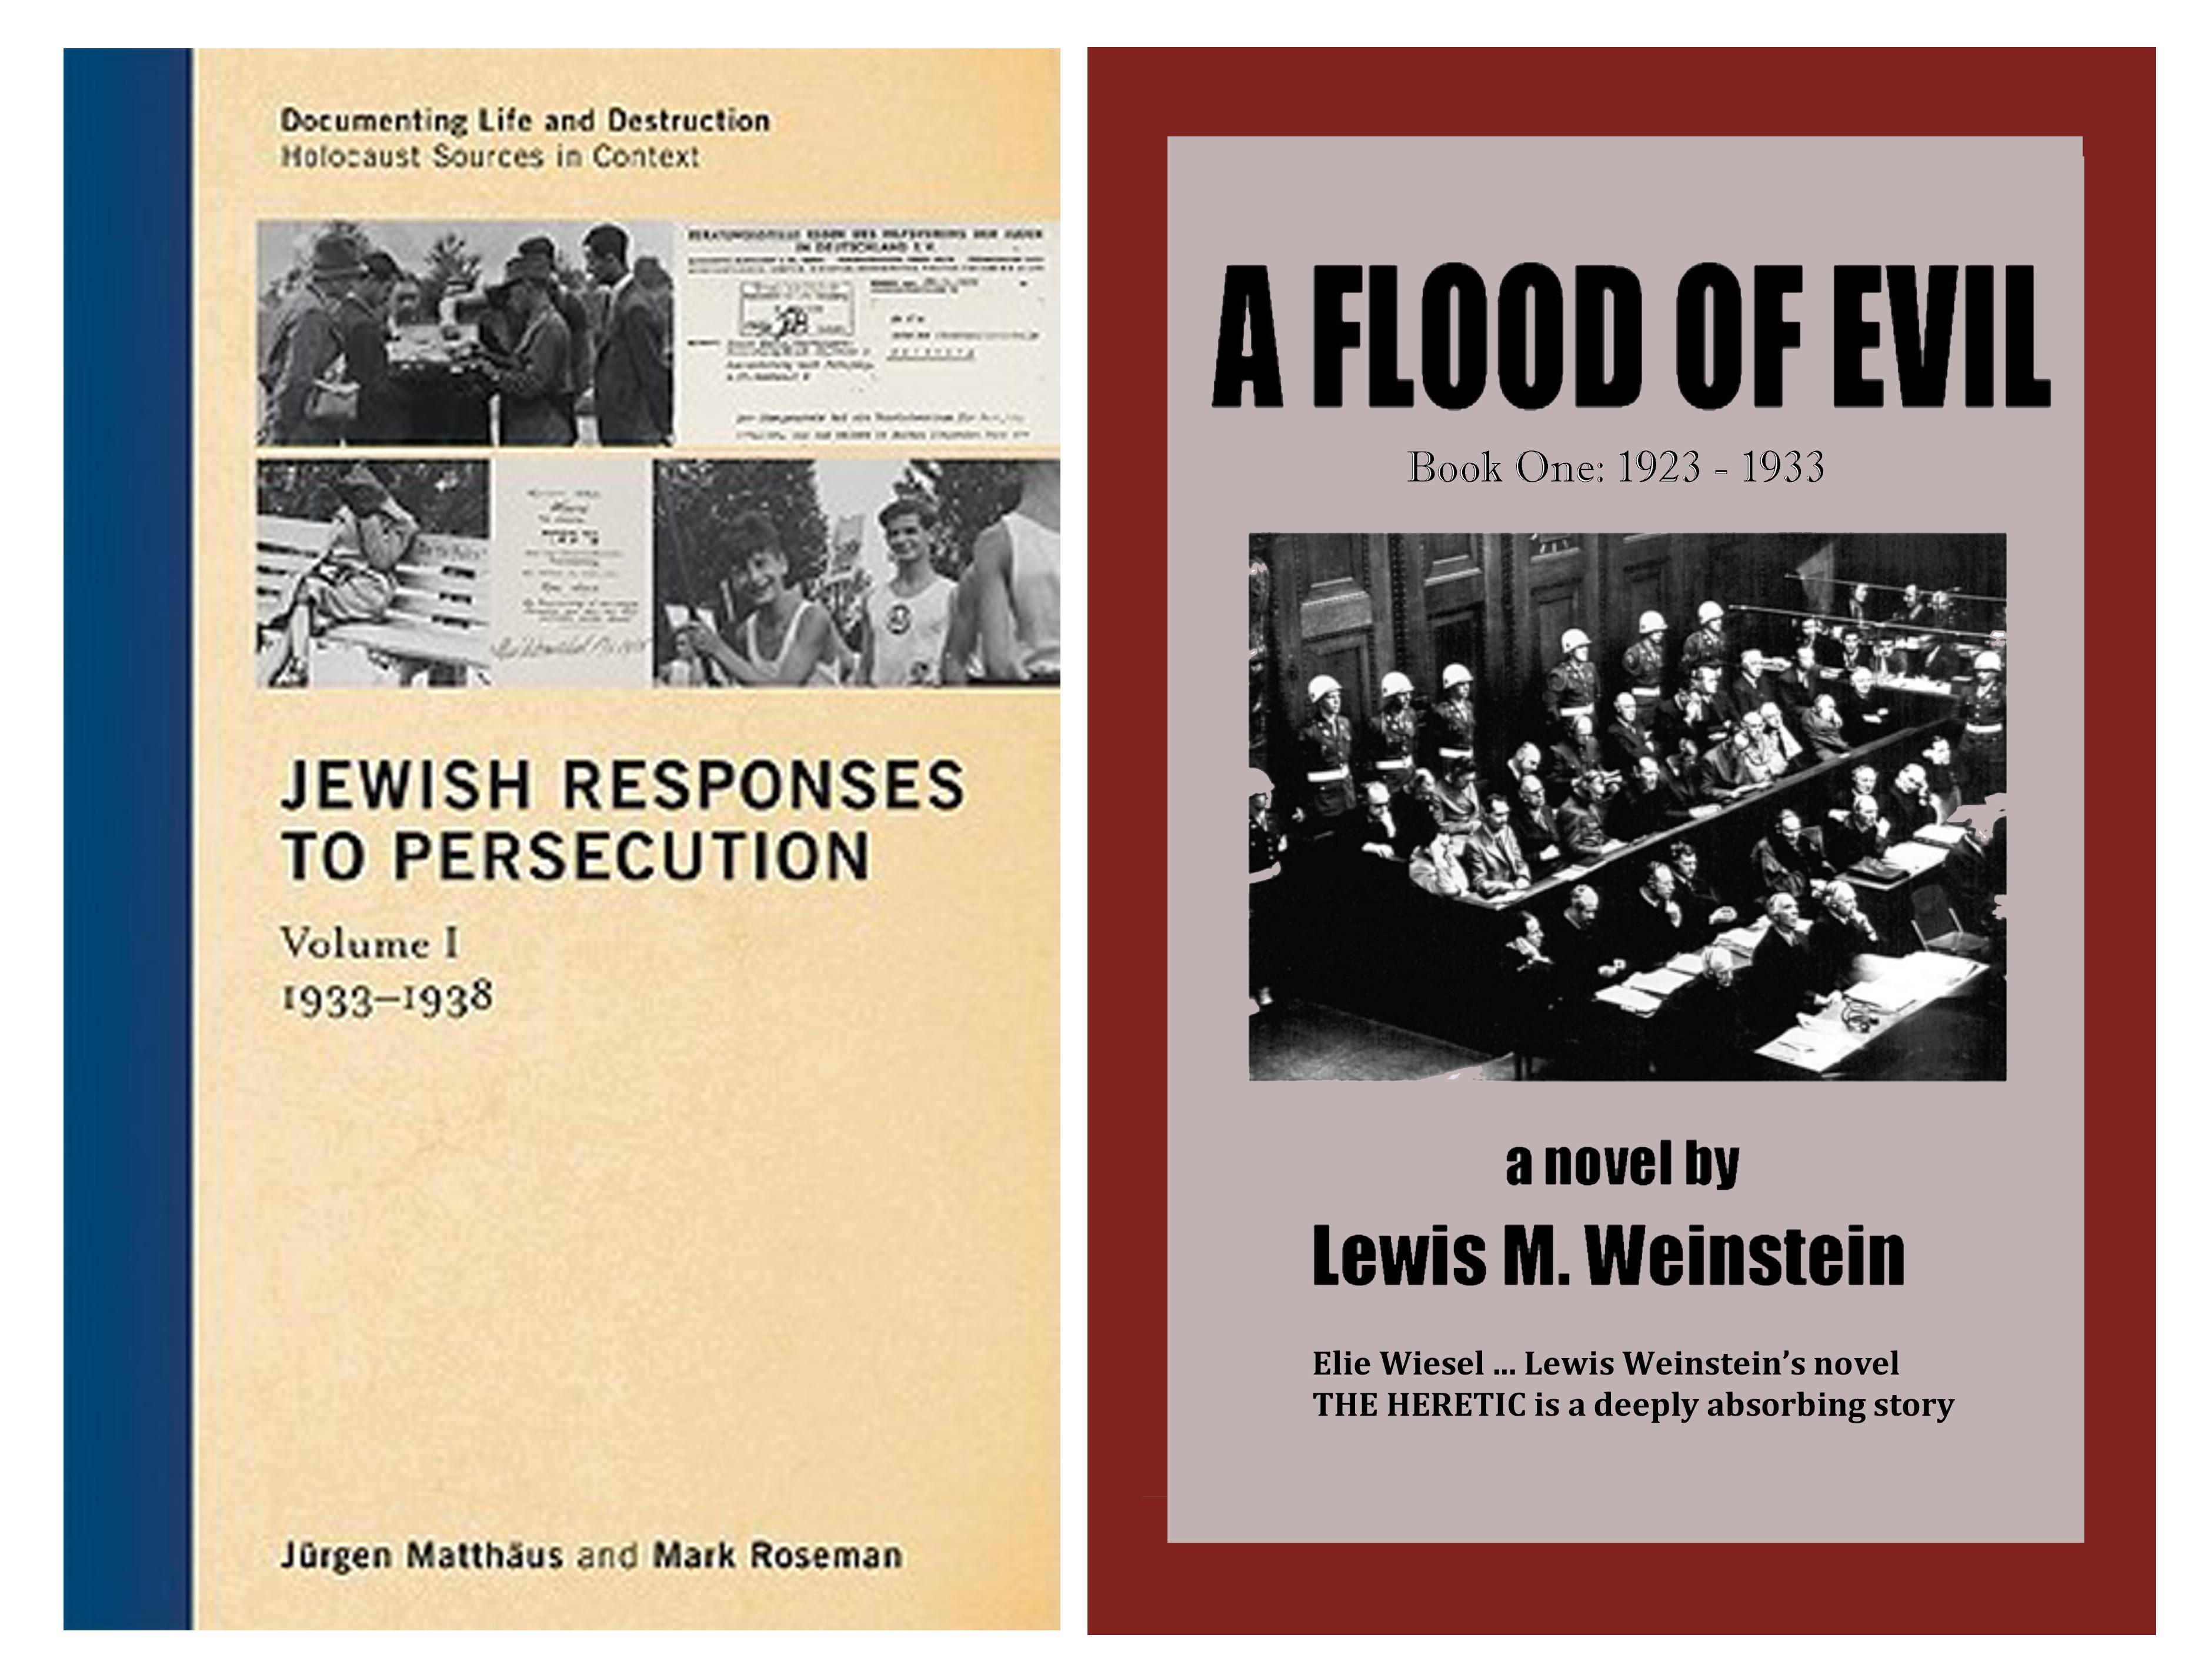 Jewish responses & AFOE